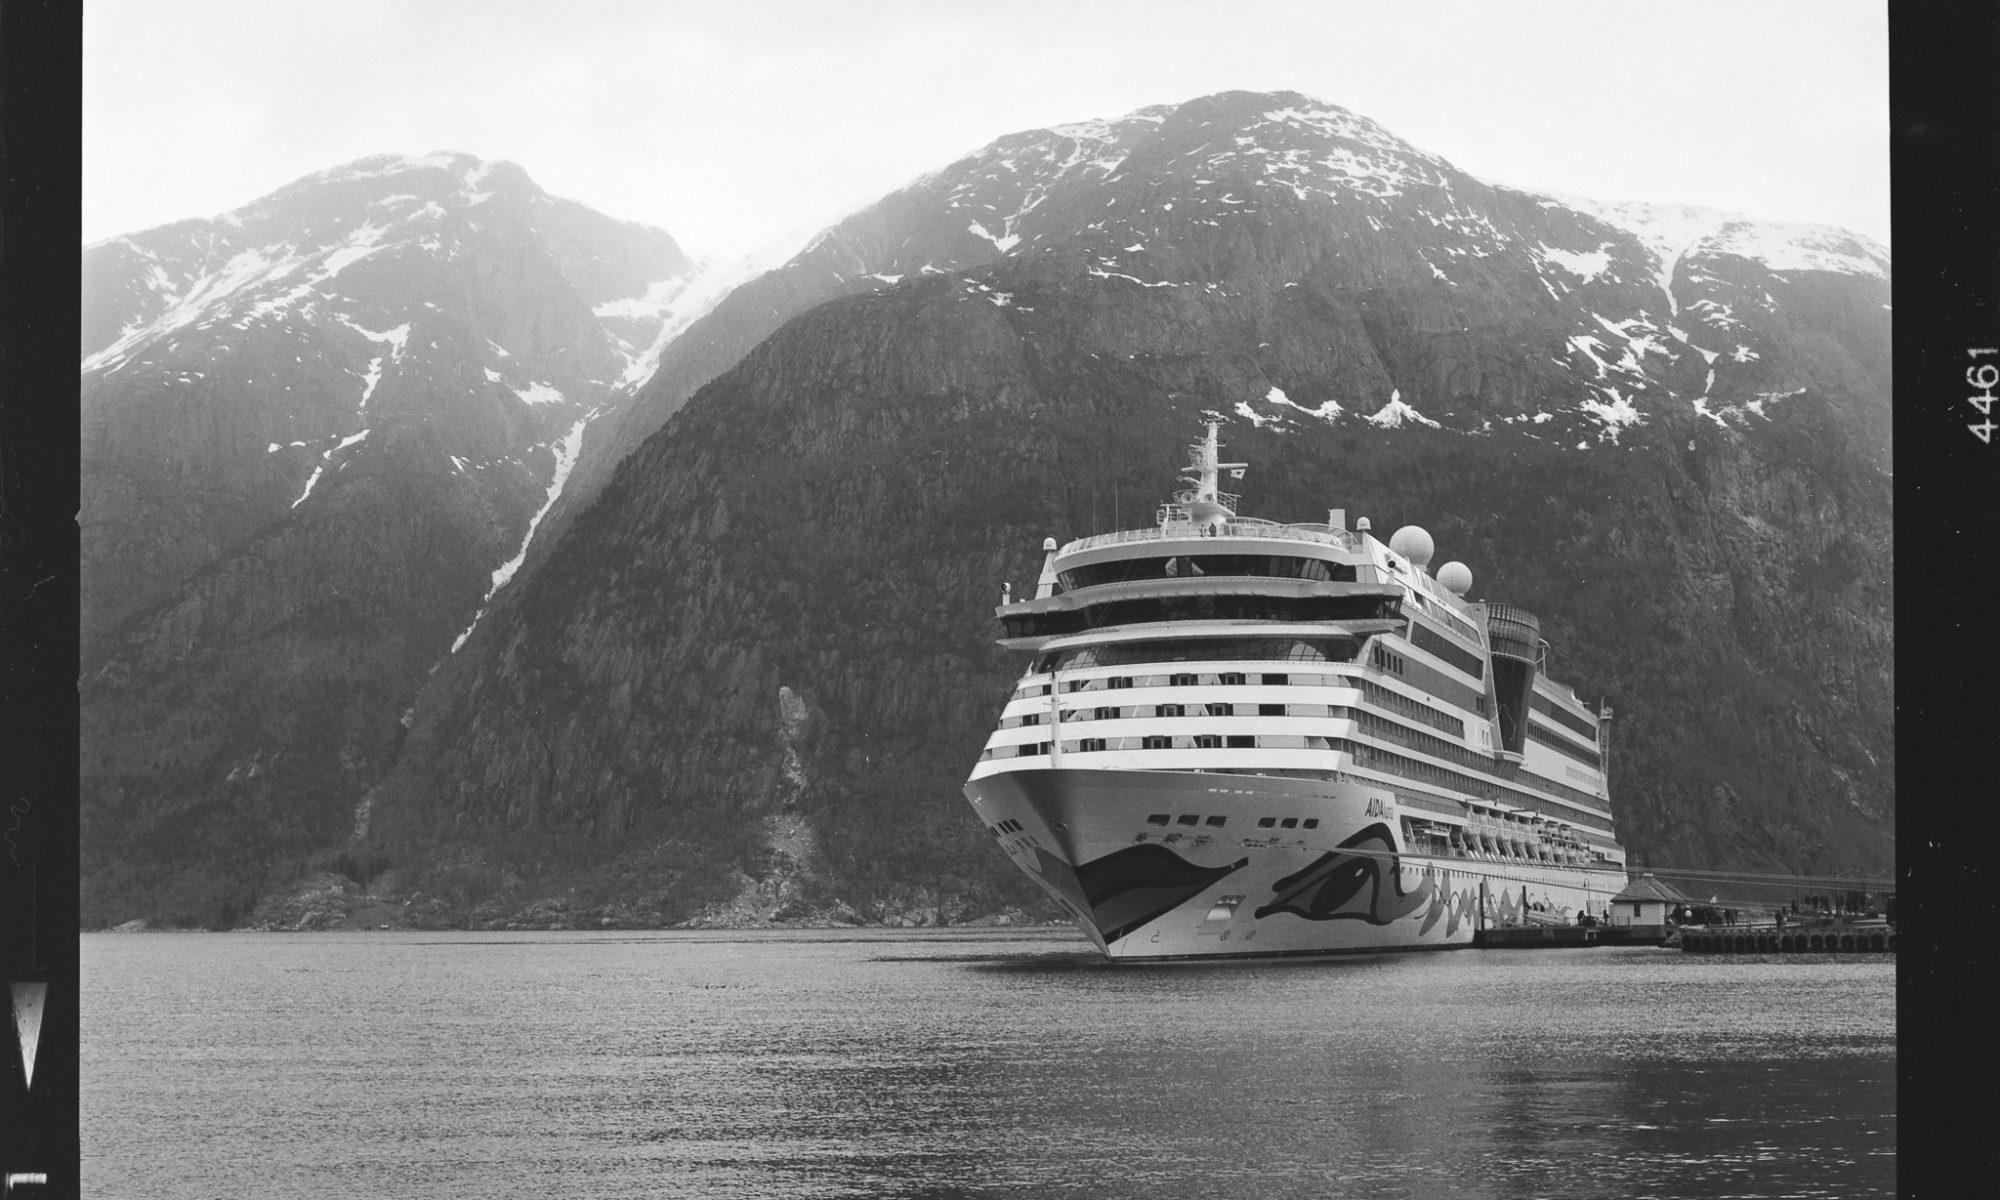 AIDAluna im Eidfjord - Aufgenommen mit Hasselblad 500CM auf Ilford Delta 100 Pro